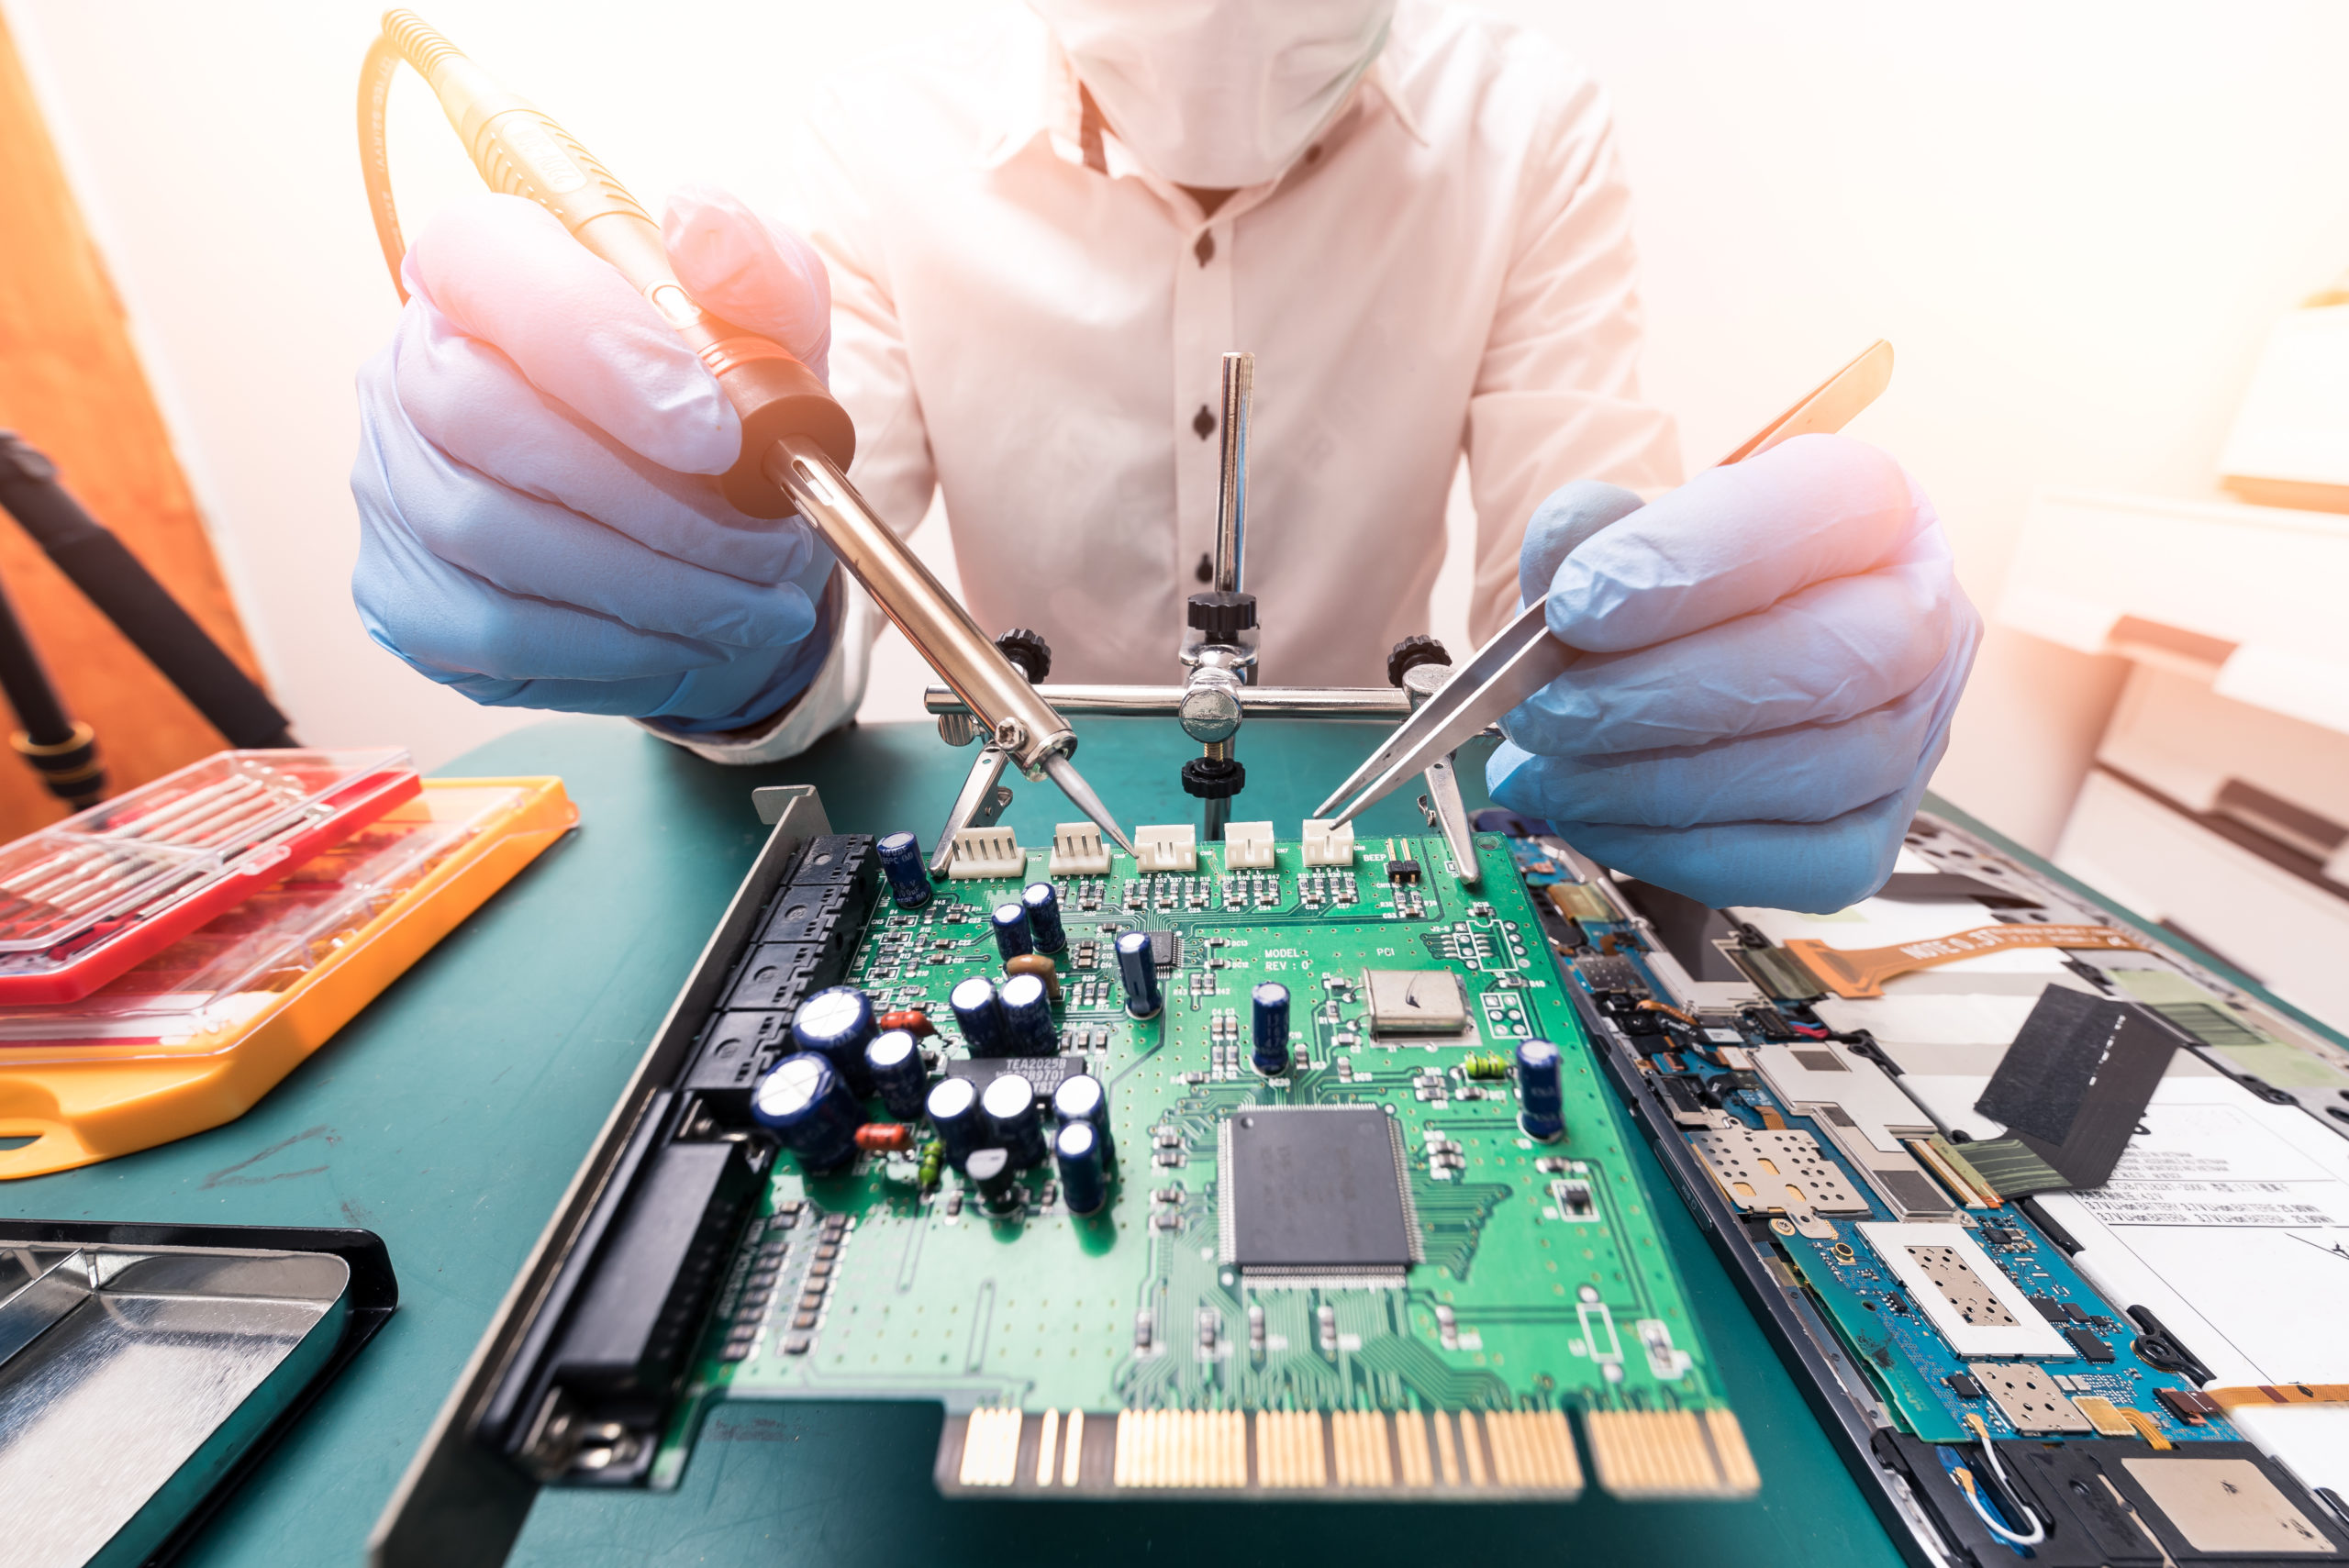 ZSK w świecie elektroniki. Nowe kwalifikacje już w systemie